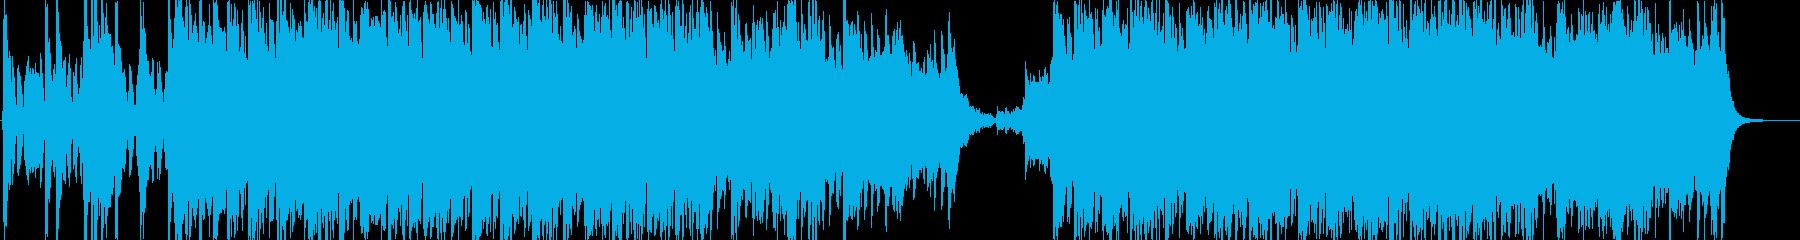 応援歌っぽいコーラスの前向きなインストの再生済みの波形